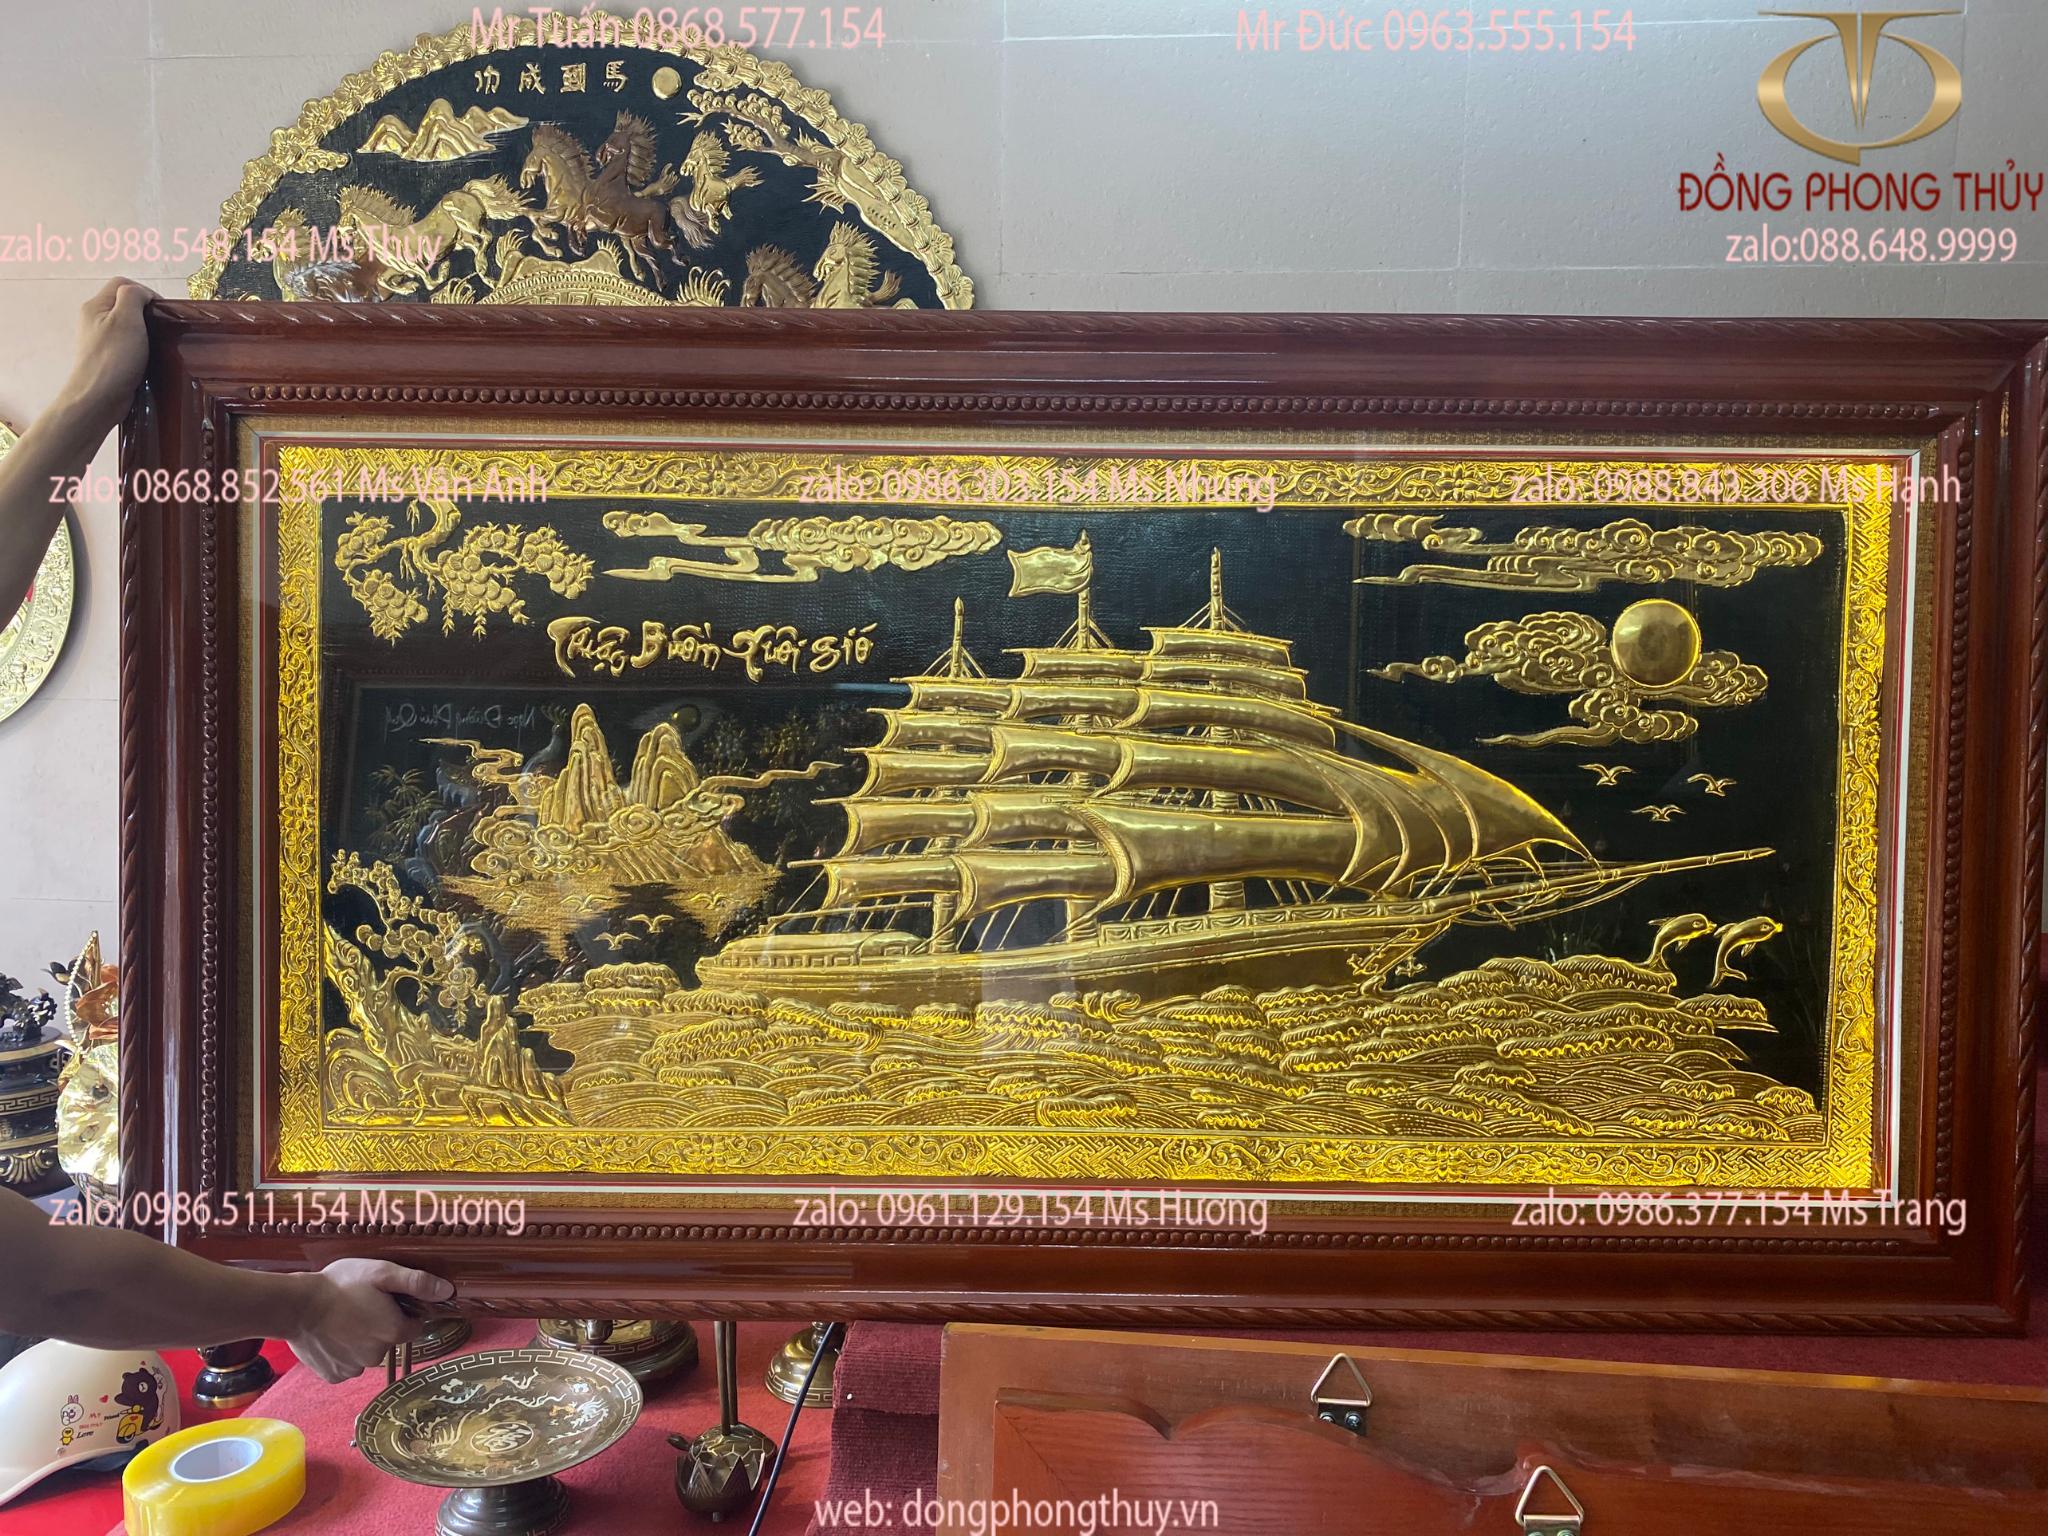 Tranh Thuận Buồm Xuôi Gió dát vàng 24k 90*1m7 bằng đồng nguyên tấm thúc thủ công